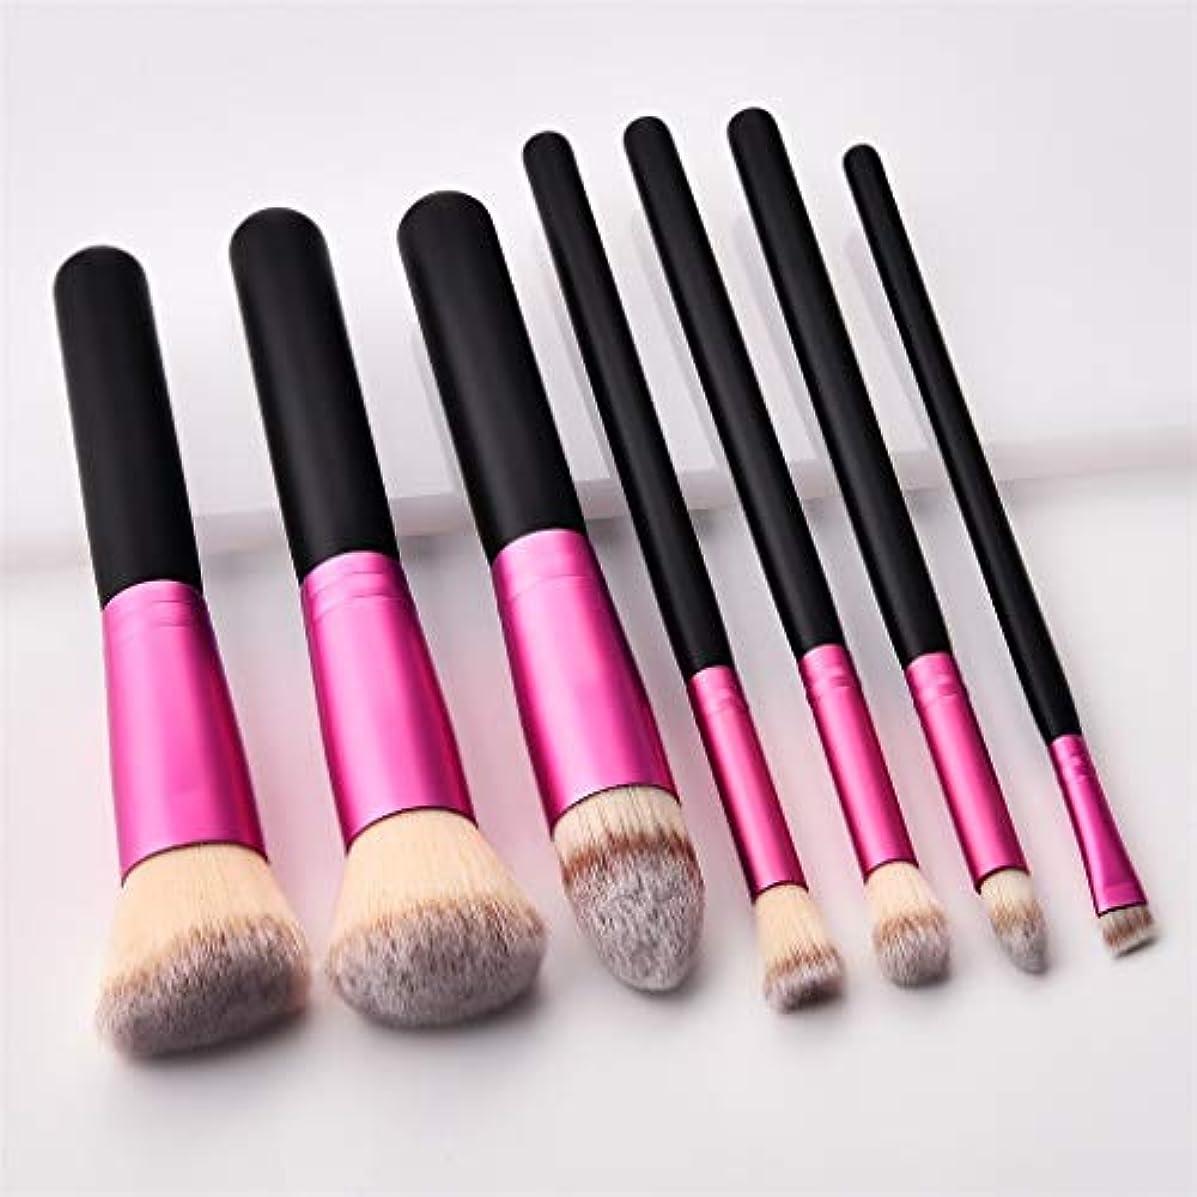 根拠お互い航海Akane 7本 GUJHUI 上等 優雅 ピンク 綺麗 美感 便利 高級 魅力的 柔らかい たっぷり 多機能 おしゃれ 激安 日常 仕事 Makeup Brush メイクアップブラシ T-07-060